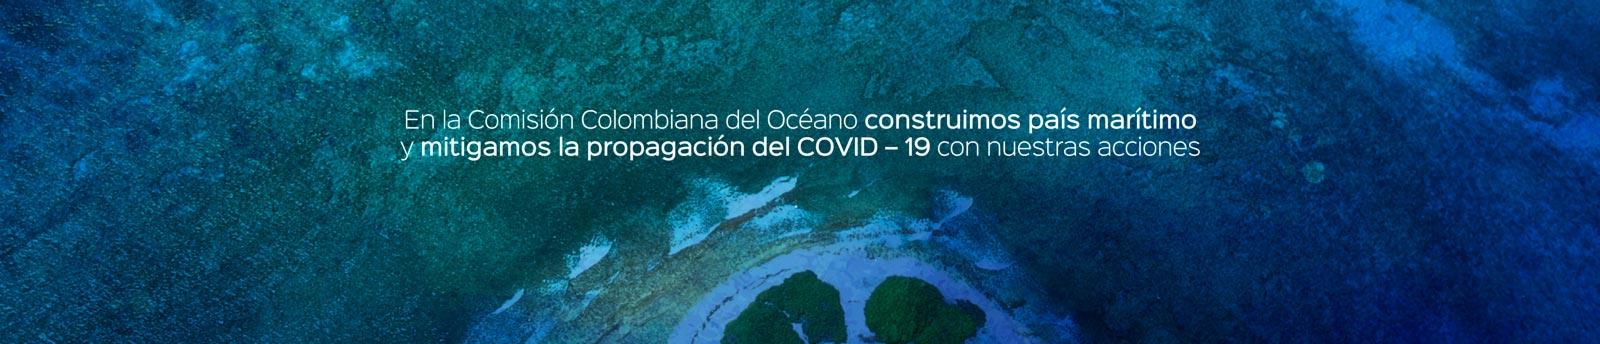 Notificación Comisión Colombiana del Océano con respecto al tema Covid-19